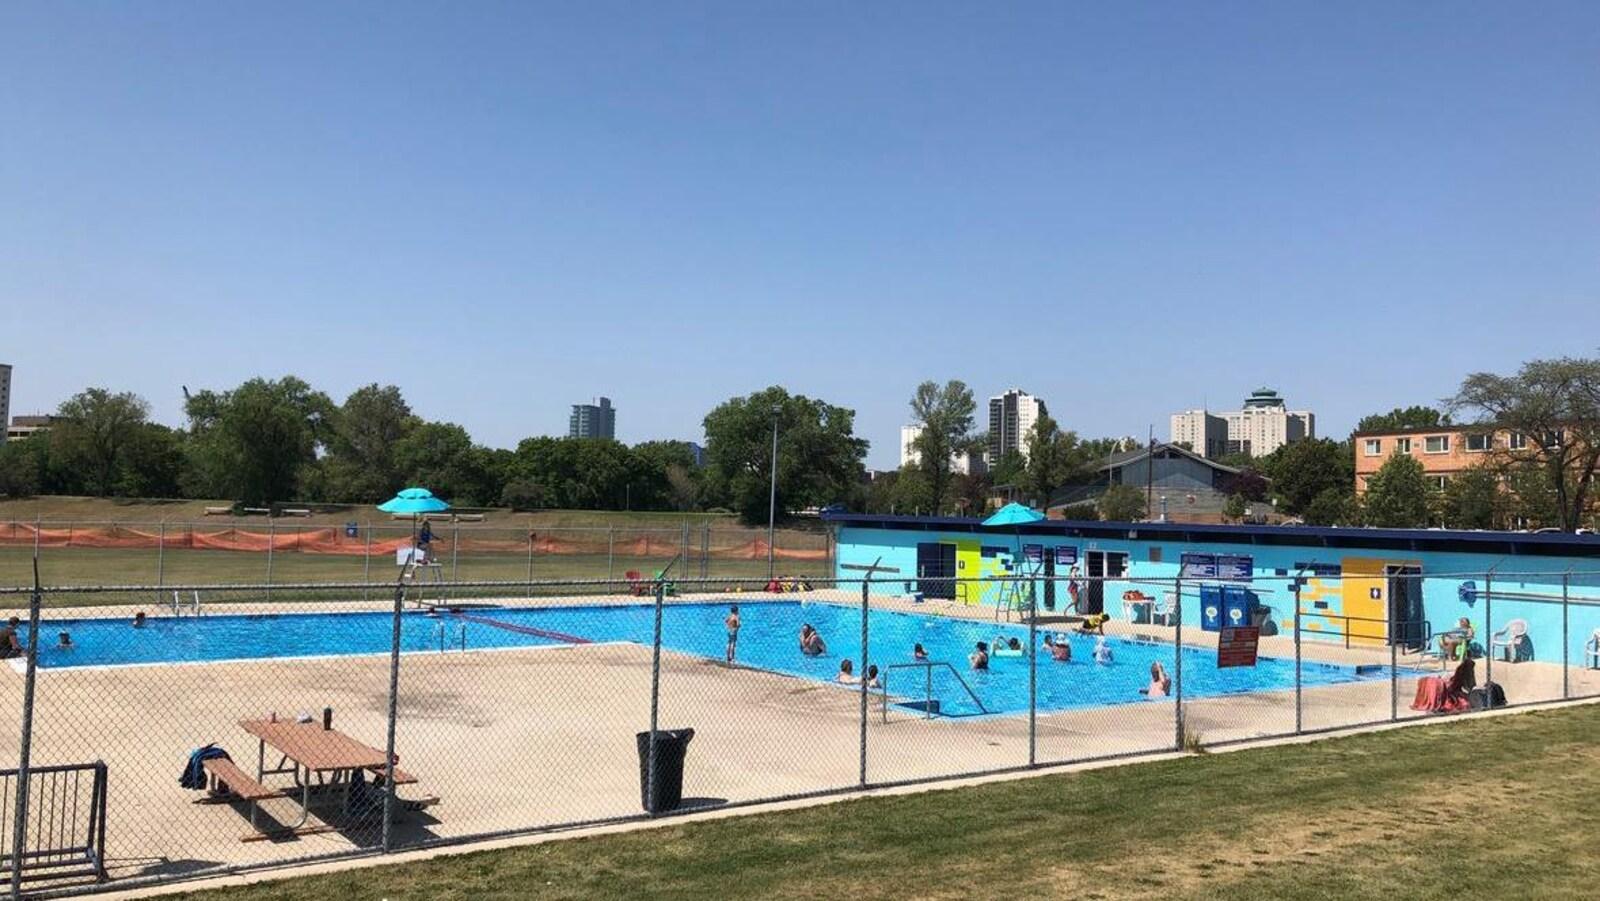 La piscine Norwood avec le centre ville de Winnipeg en arrière plan.